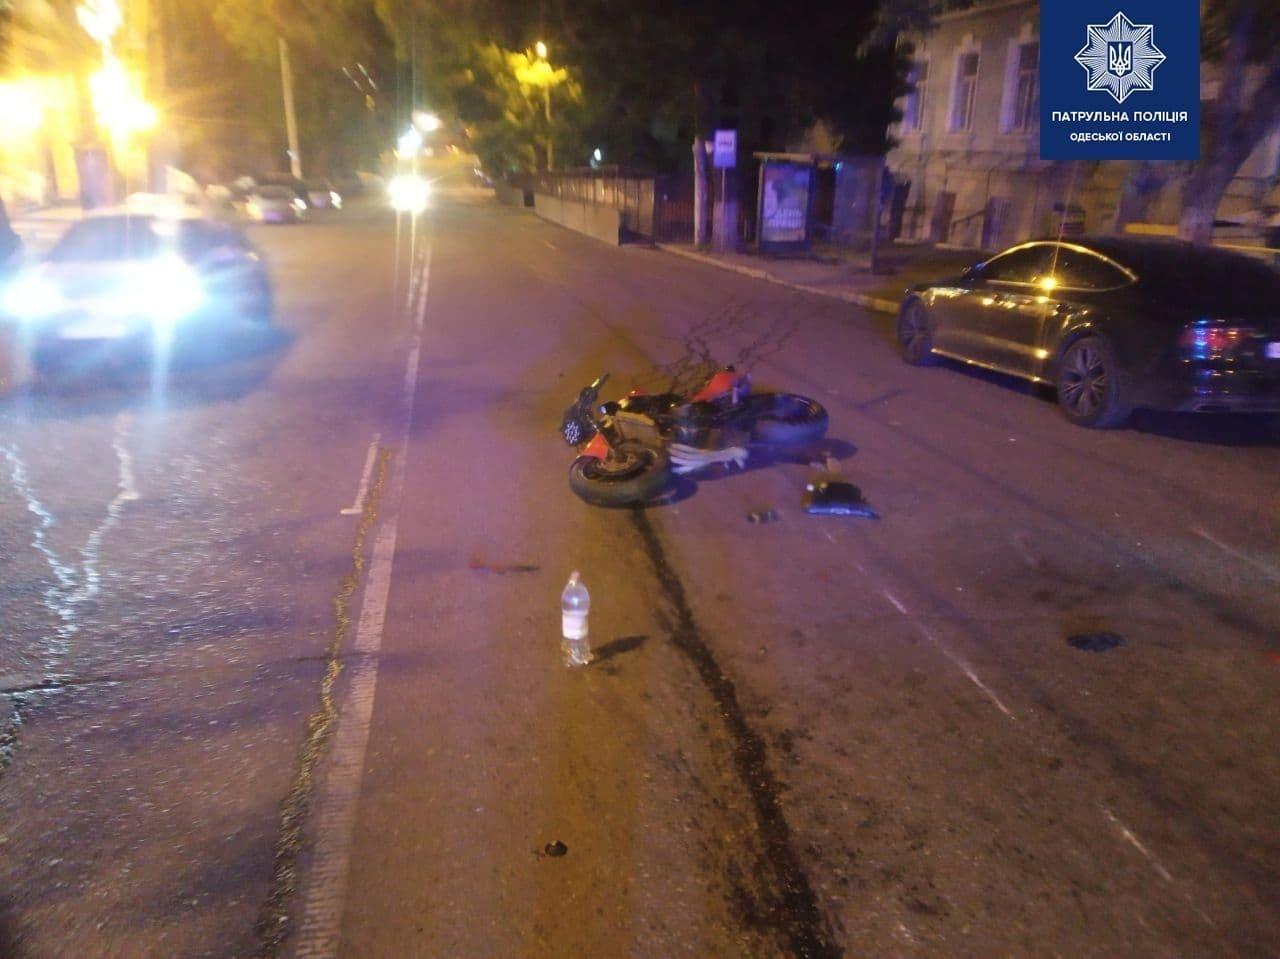 В Одессе мотоциклист сбил пешехода, который переходил дорогу на зеленый свет,  - ФОТО, фото-1